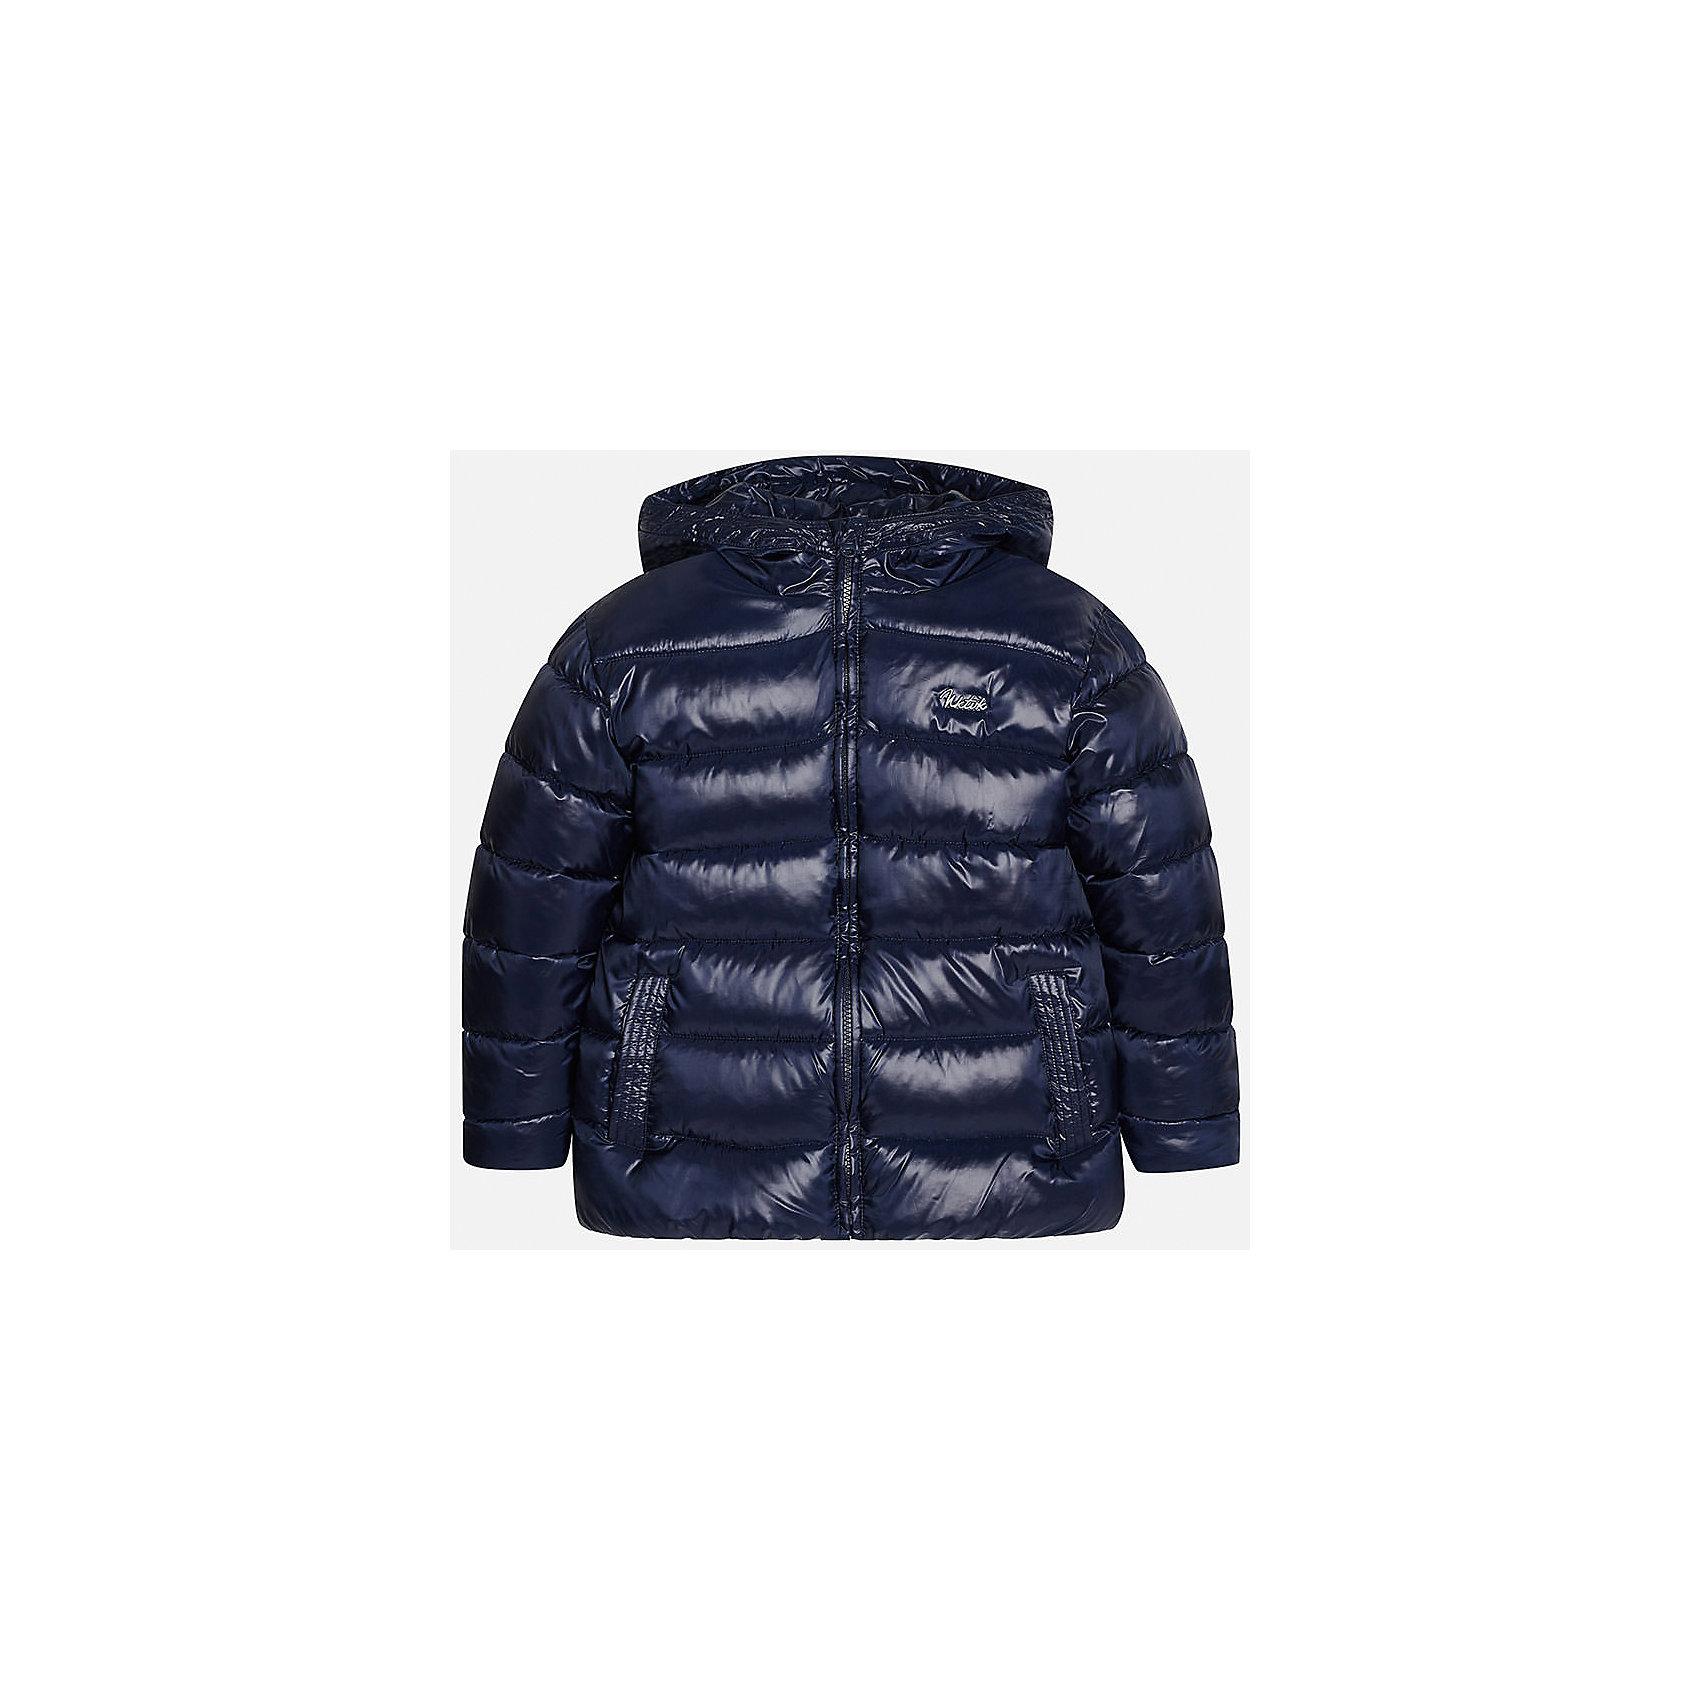 Куртка для мальчика MayoralКуртка для мальчика Mayoral (Майорал)<br>Куртка для мальчика от известной испанской марки Mayoral (Майорал) выполнена из водонепроницаемого полиэстера, имеет удобный капюшон, два кармана по бокам. Модель застегивается на молнию, рукава куртки дополнены внутренними манжетами.<br><br>Дополнительная информация:<br><br>- Цвет: темно-синий<br>- Верх: 100% полиэстер<br>- Подкладка: 100% полиэстер<br>- Утеплитель: 100% полиэстер<br>- Уход: бережная стирка при 30 градусах<br><br>Куртку для мальчика Mayoral (Майорал) можно купить в нашем интернет-магазине.<br><br>Ширина мм: 356<br>Глубина мм: 10<br>Высота мм: 245<br>Вес г: 519<br>Цвет: синий<br>Возраст от месяцев: 168<br>Возраст до месяцев: 180<br>Пол: Мужской<br>Возраст: Детский<br>Размер: 164,152,158,128,146,140<br>SKU: 4821088